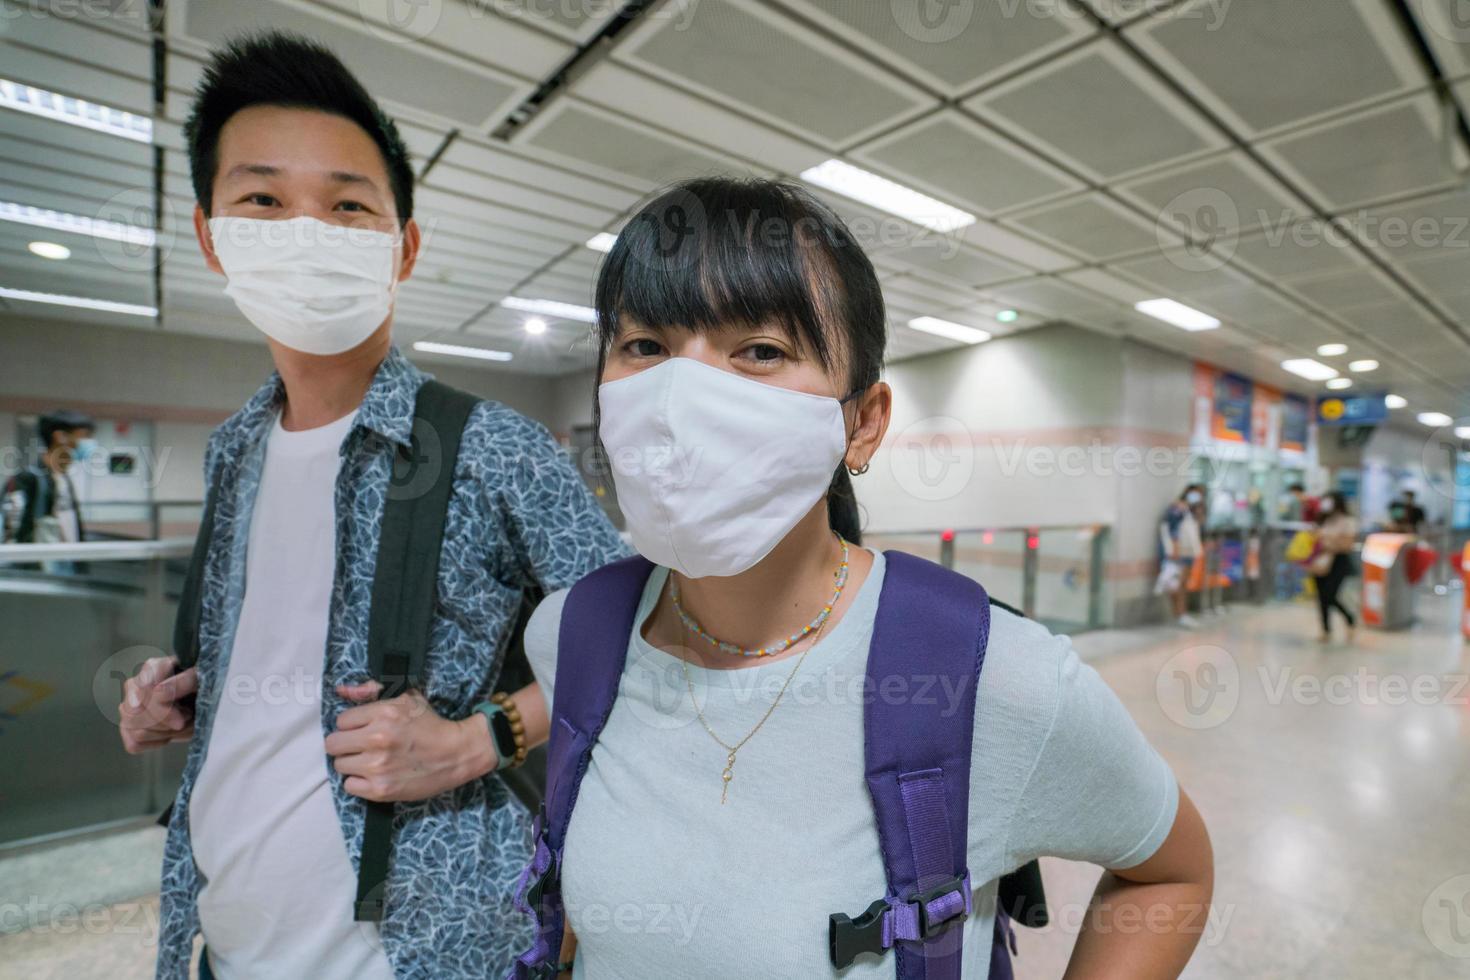 Pareja asiática con máscara de salud para viajar en metro en Tailandia foto